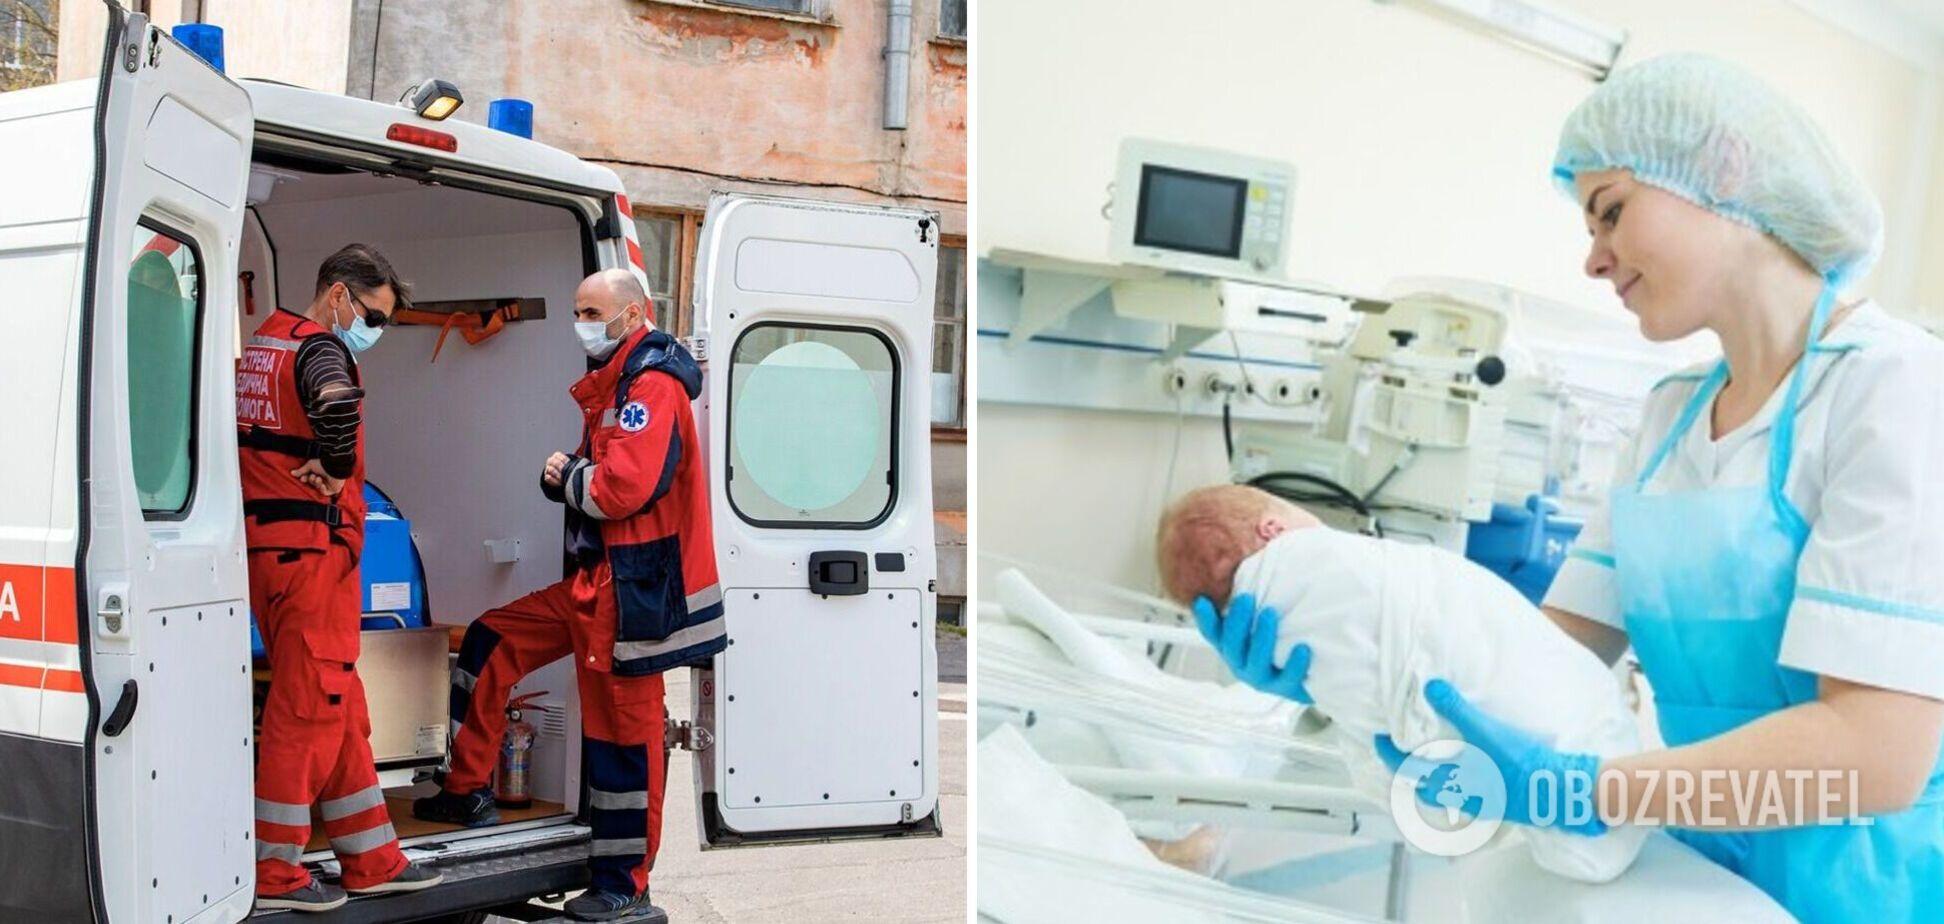 На Черниговщине школьница родила ребенка от 17-летнего парня: появились данные о состоянии матери и ребенка. Видео